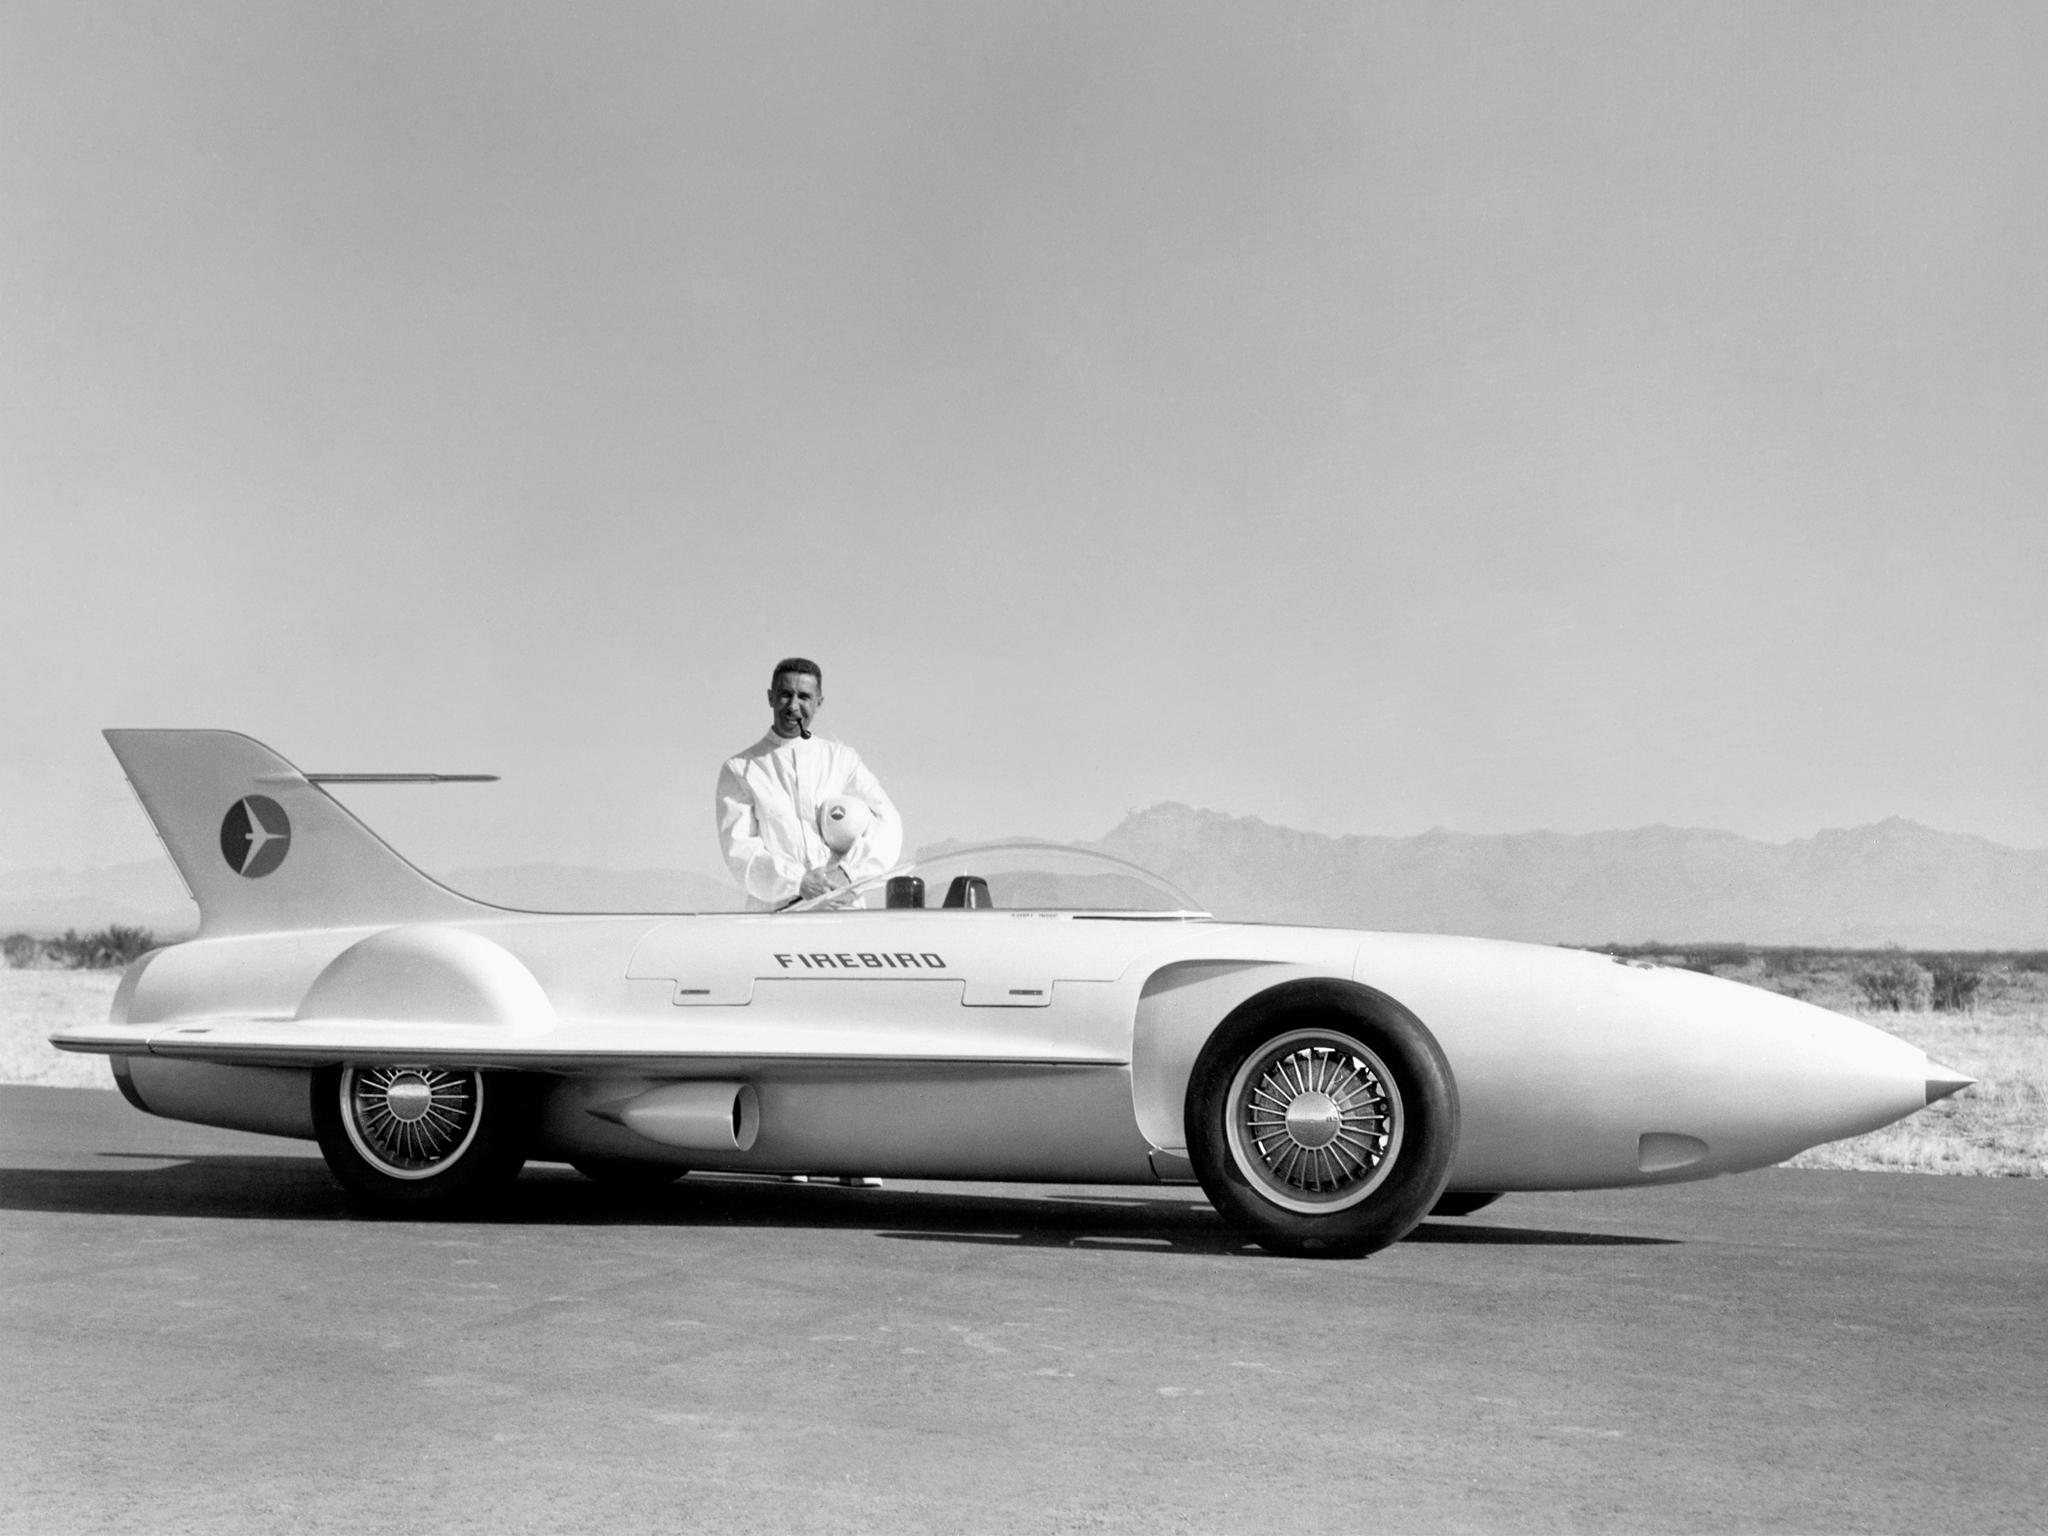 1954 General Motors Firebird I Concept Car g-m retro race ...